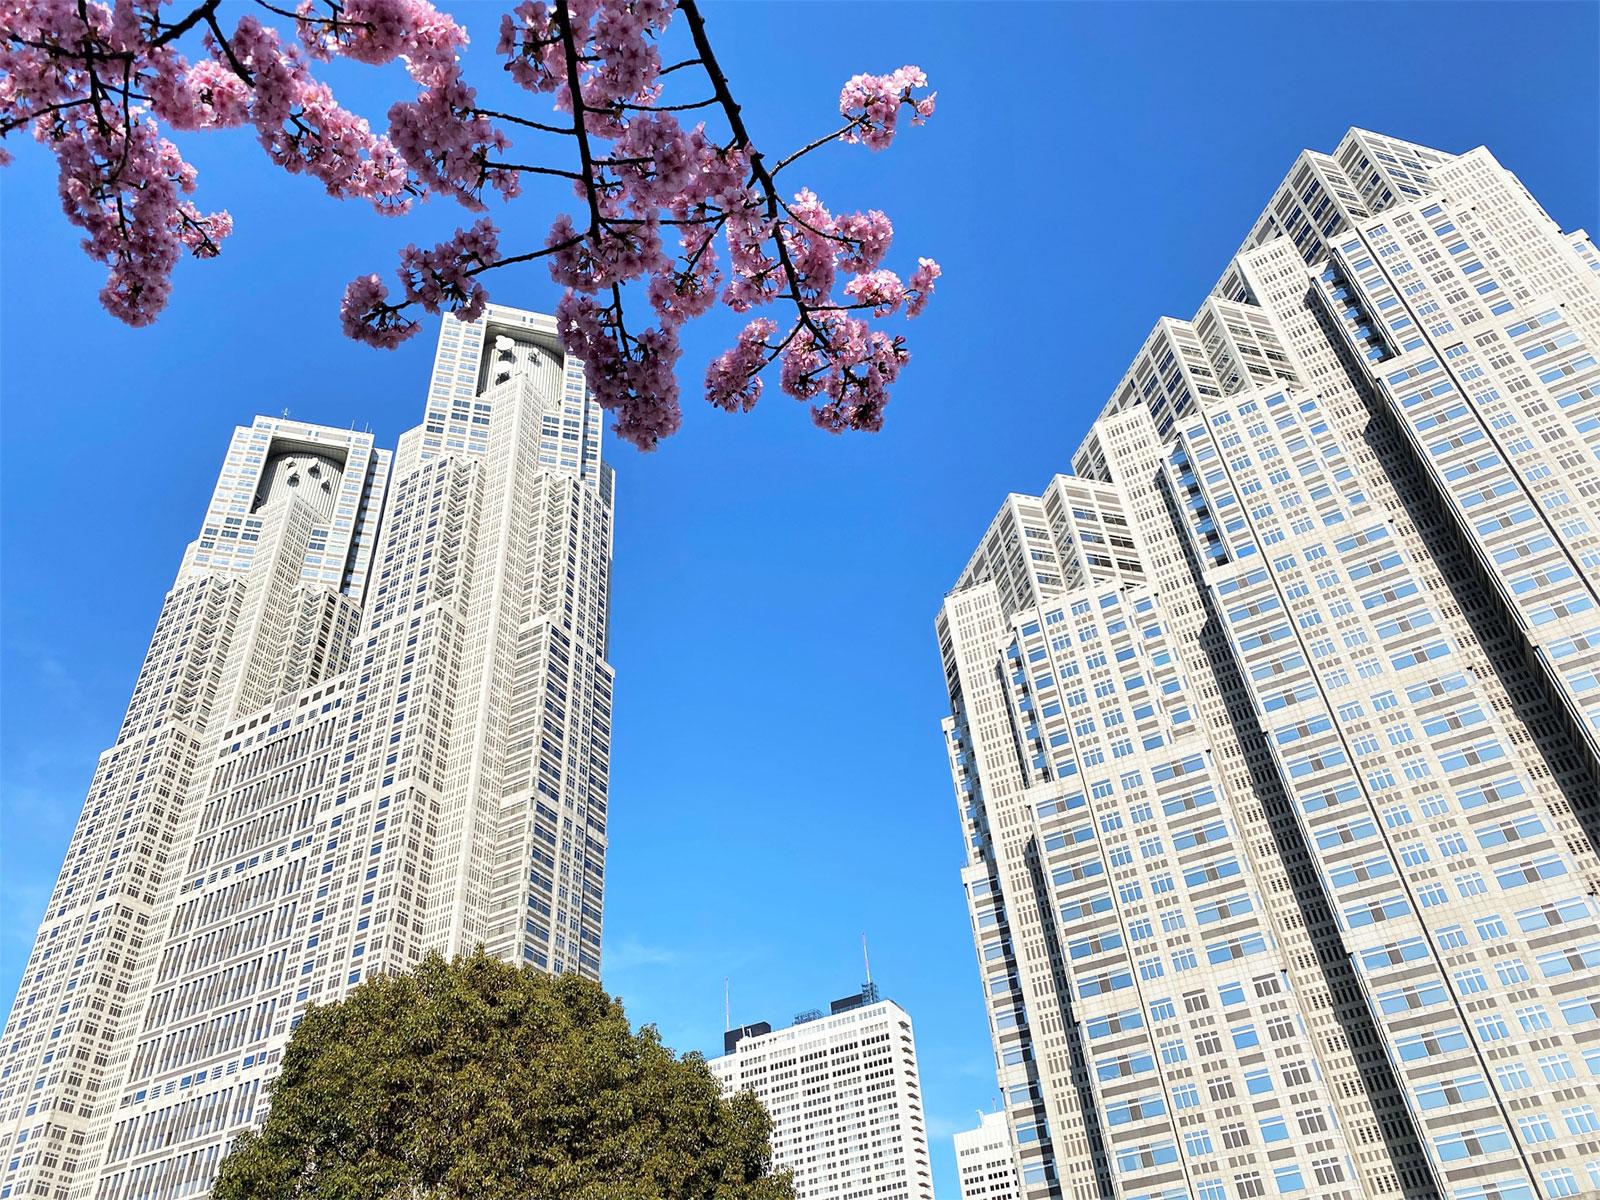 【募集情報】都営住宅の定期募集について 2021年5月(令和3年)